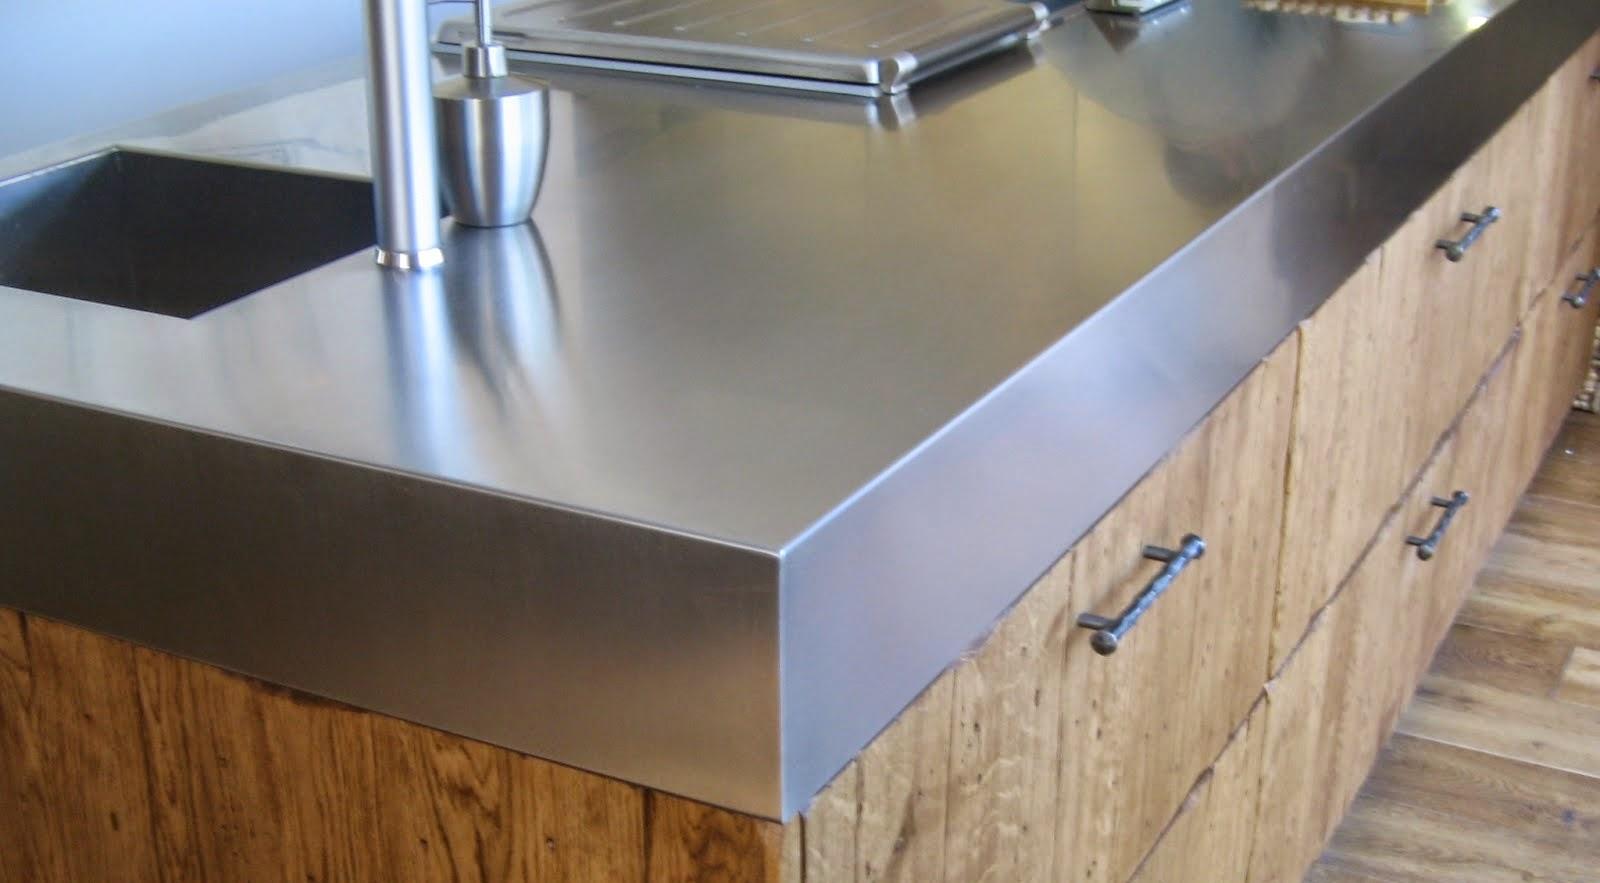 encimeras de cocina cules son y cmo conservarlas - Encimeras De Cocina Aglomerado